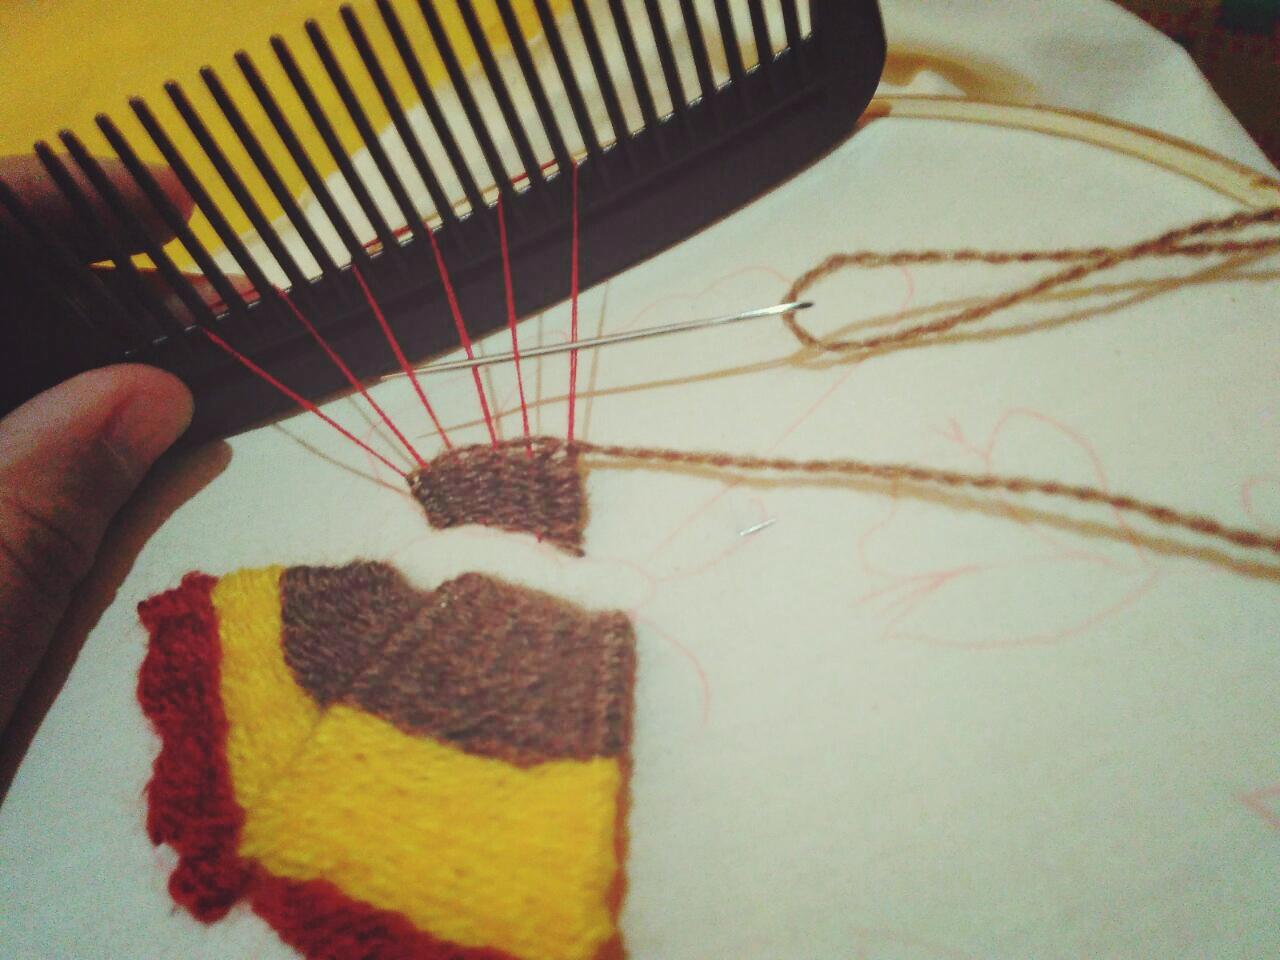 (Proses) Sulam Sisir berbentuk sayap kupu-kupu